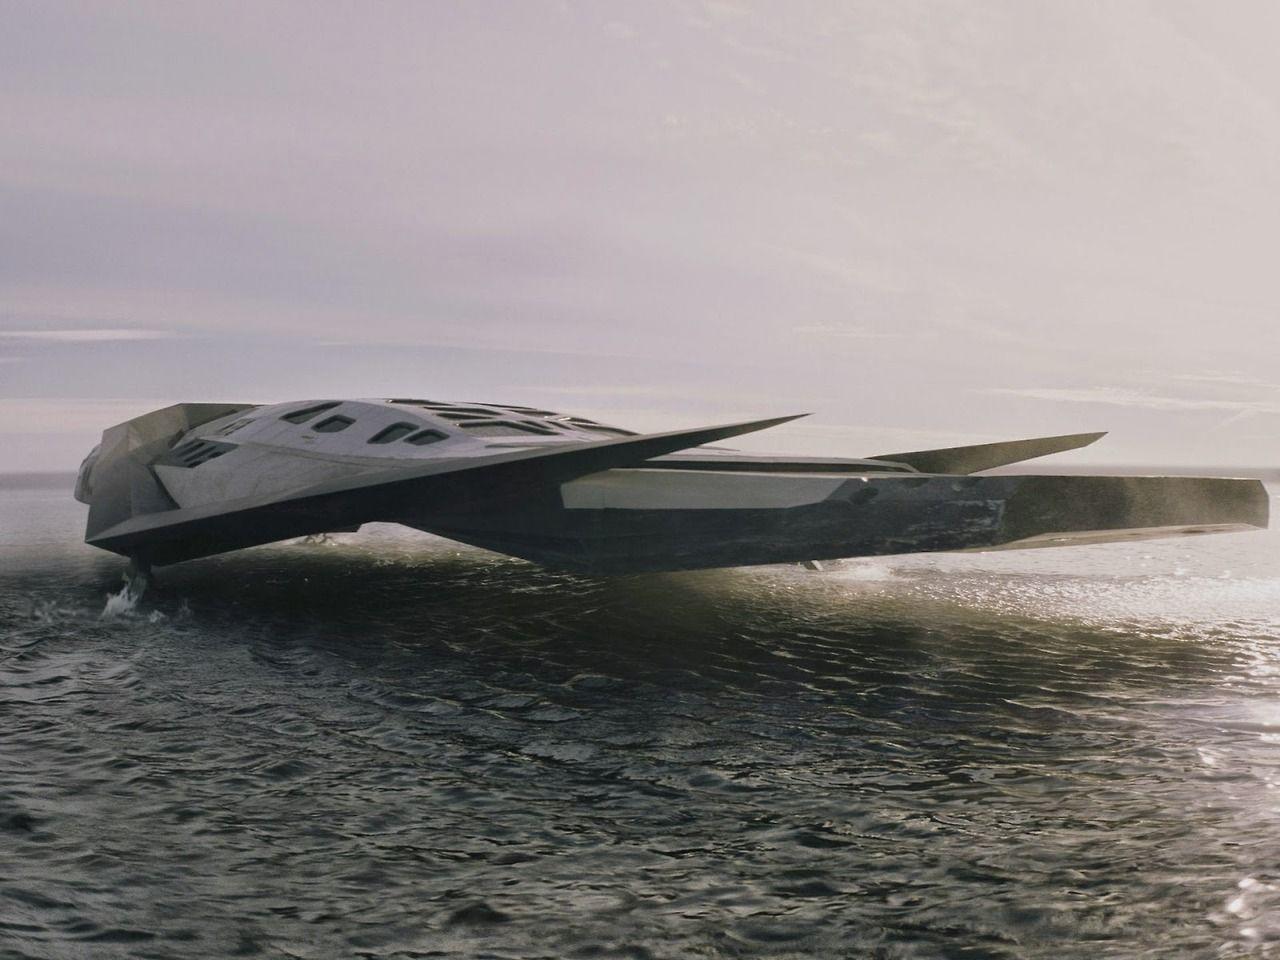 Interior De Ventana De Nave Espacial: Ventana De Barco De Transporte De Nave Espacial